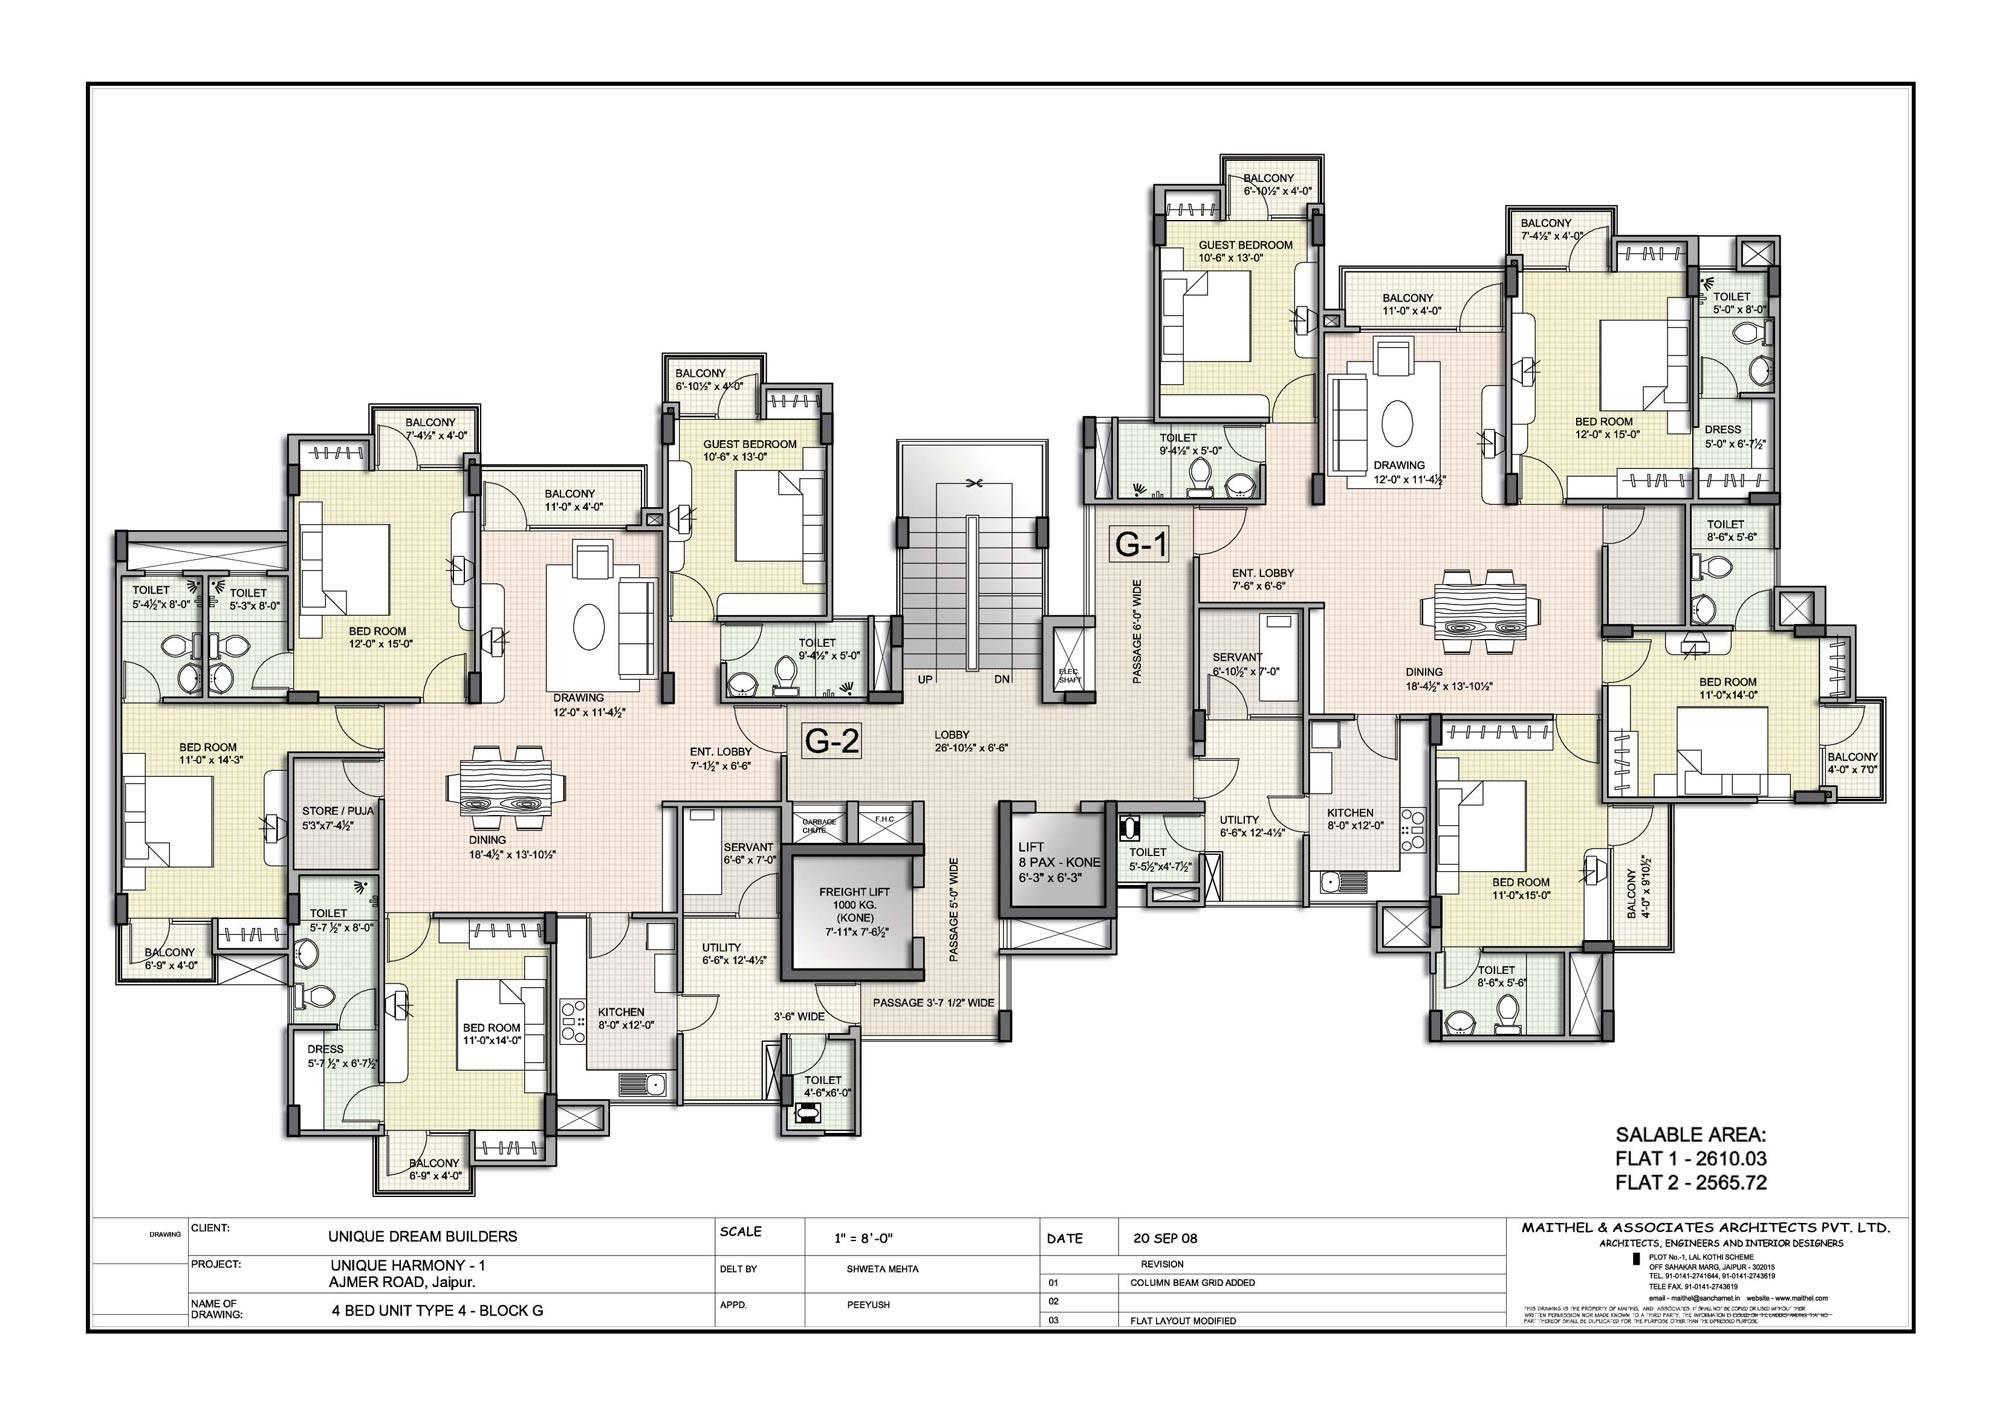 23 genius unusual house floor planshouse plans29367 - Unique House Plans